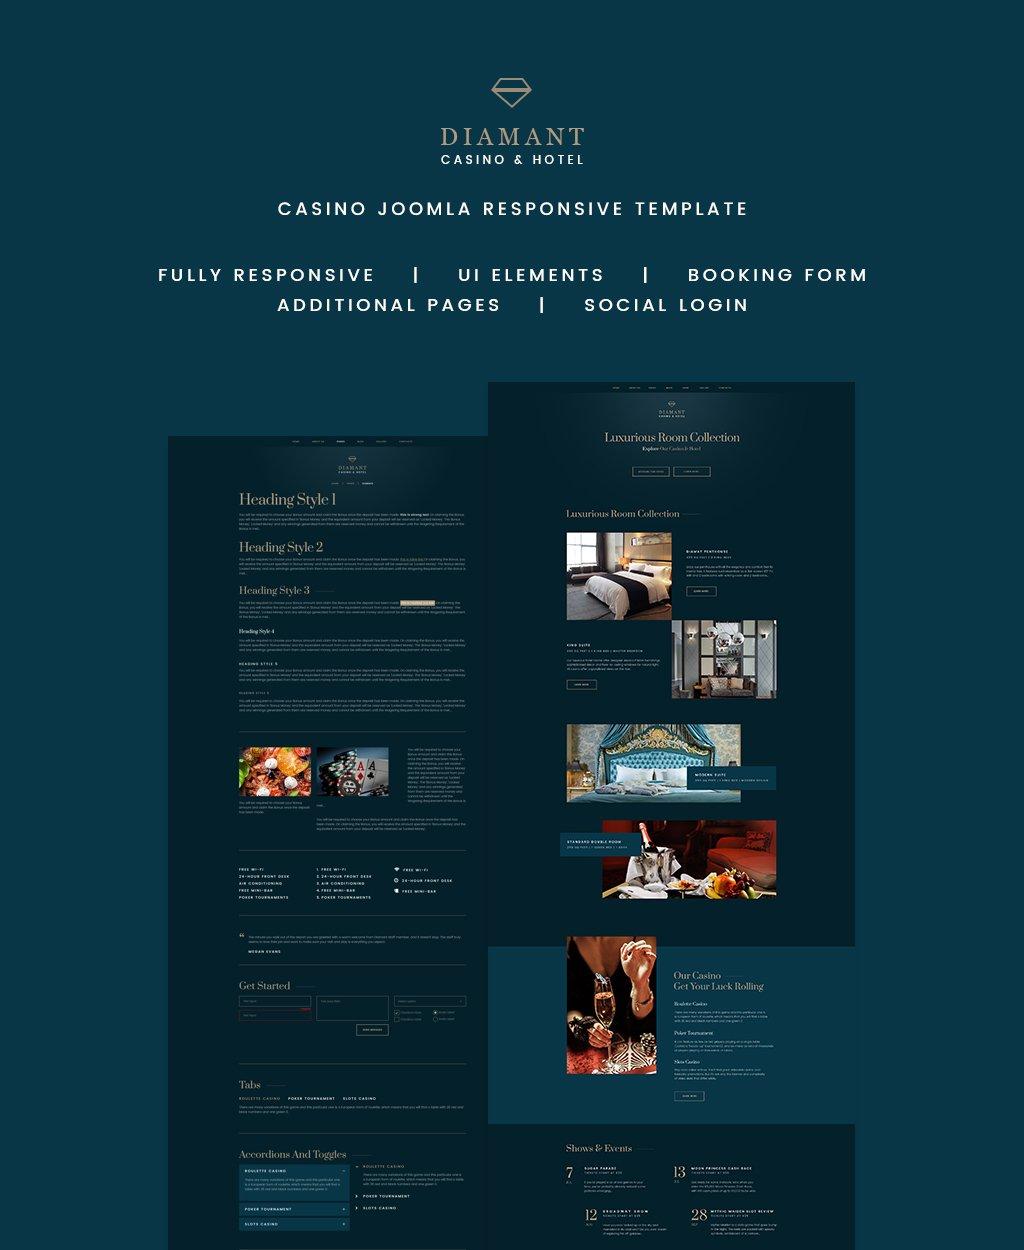 Responsywny szablon Joomla Diamant - Casino & Hotel #64731 - zrzut ekranu